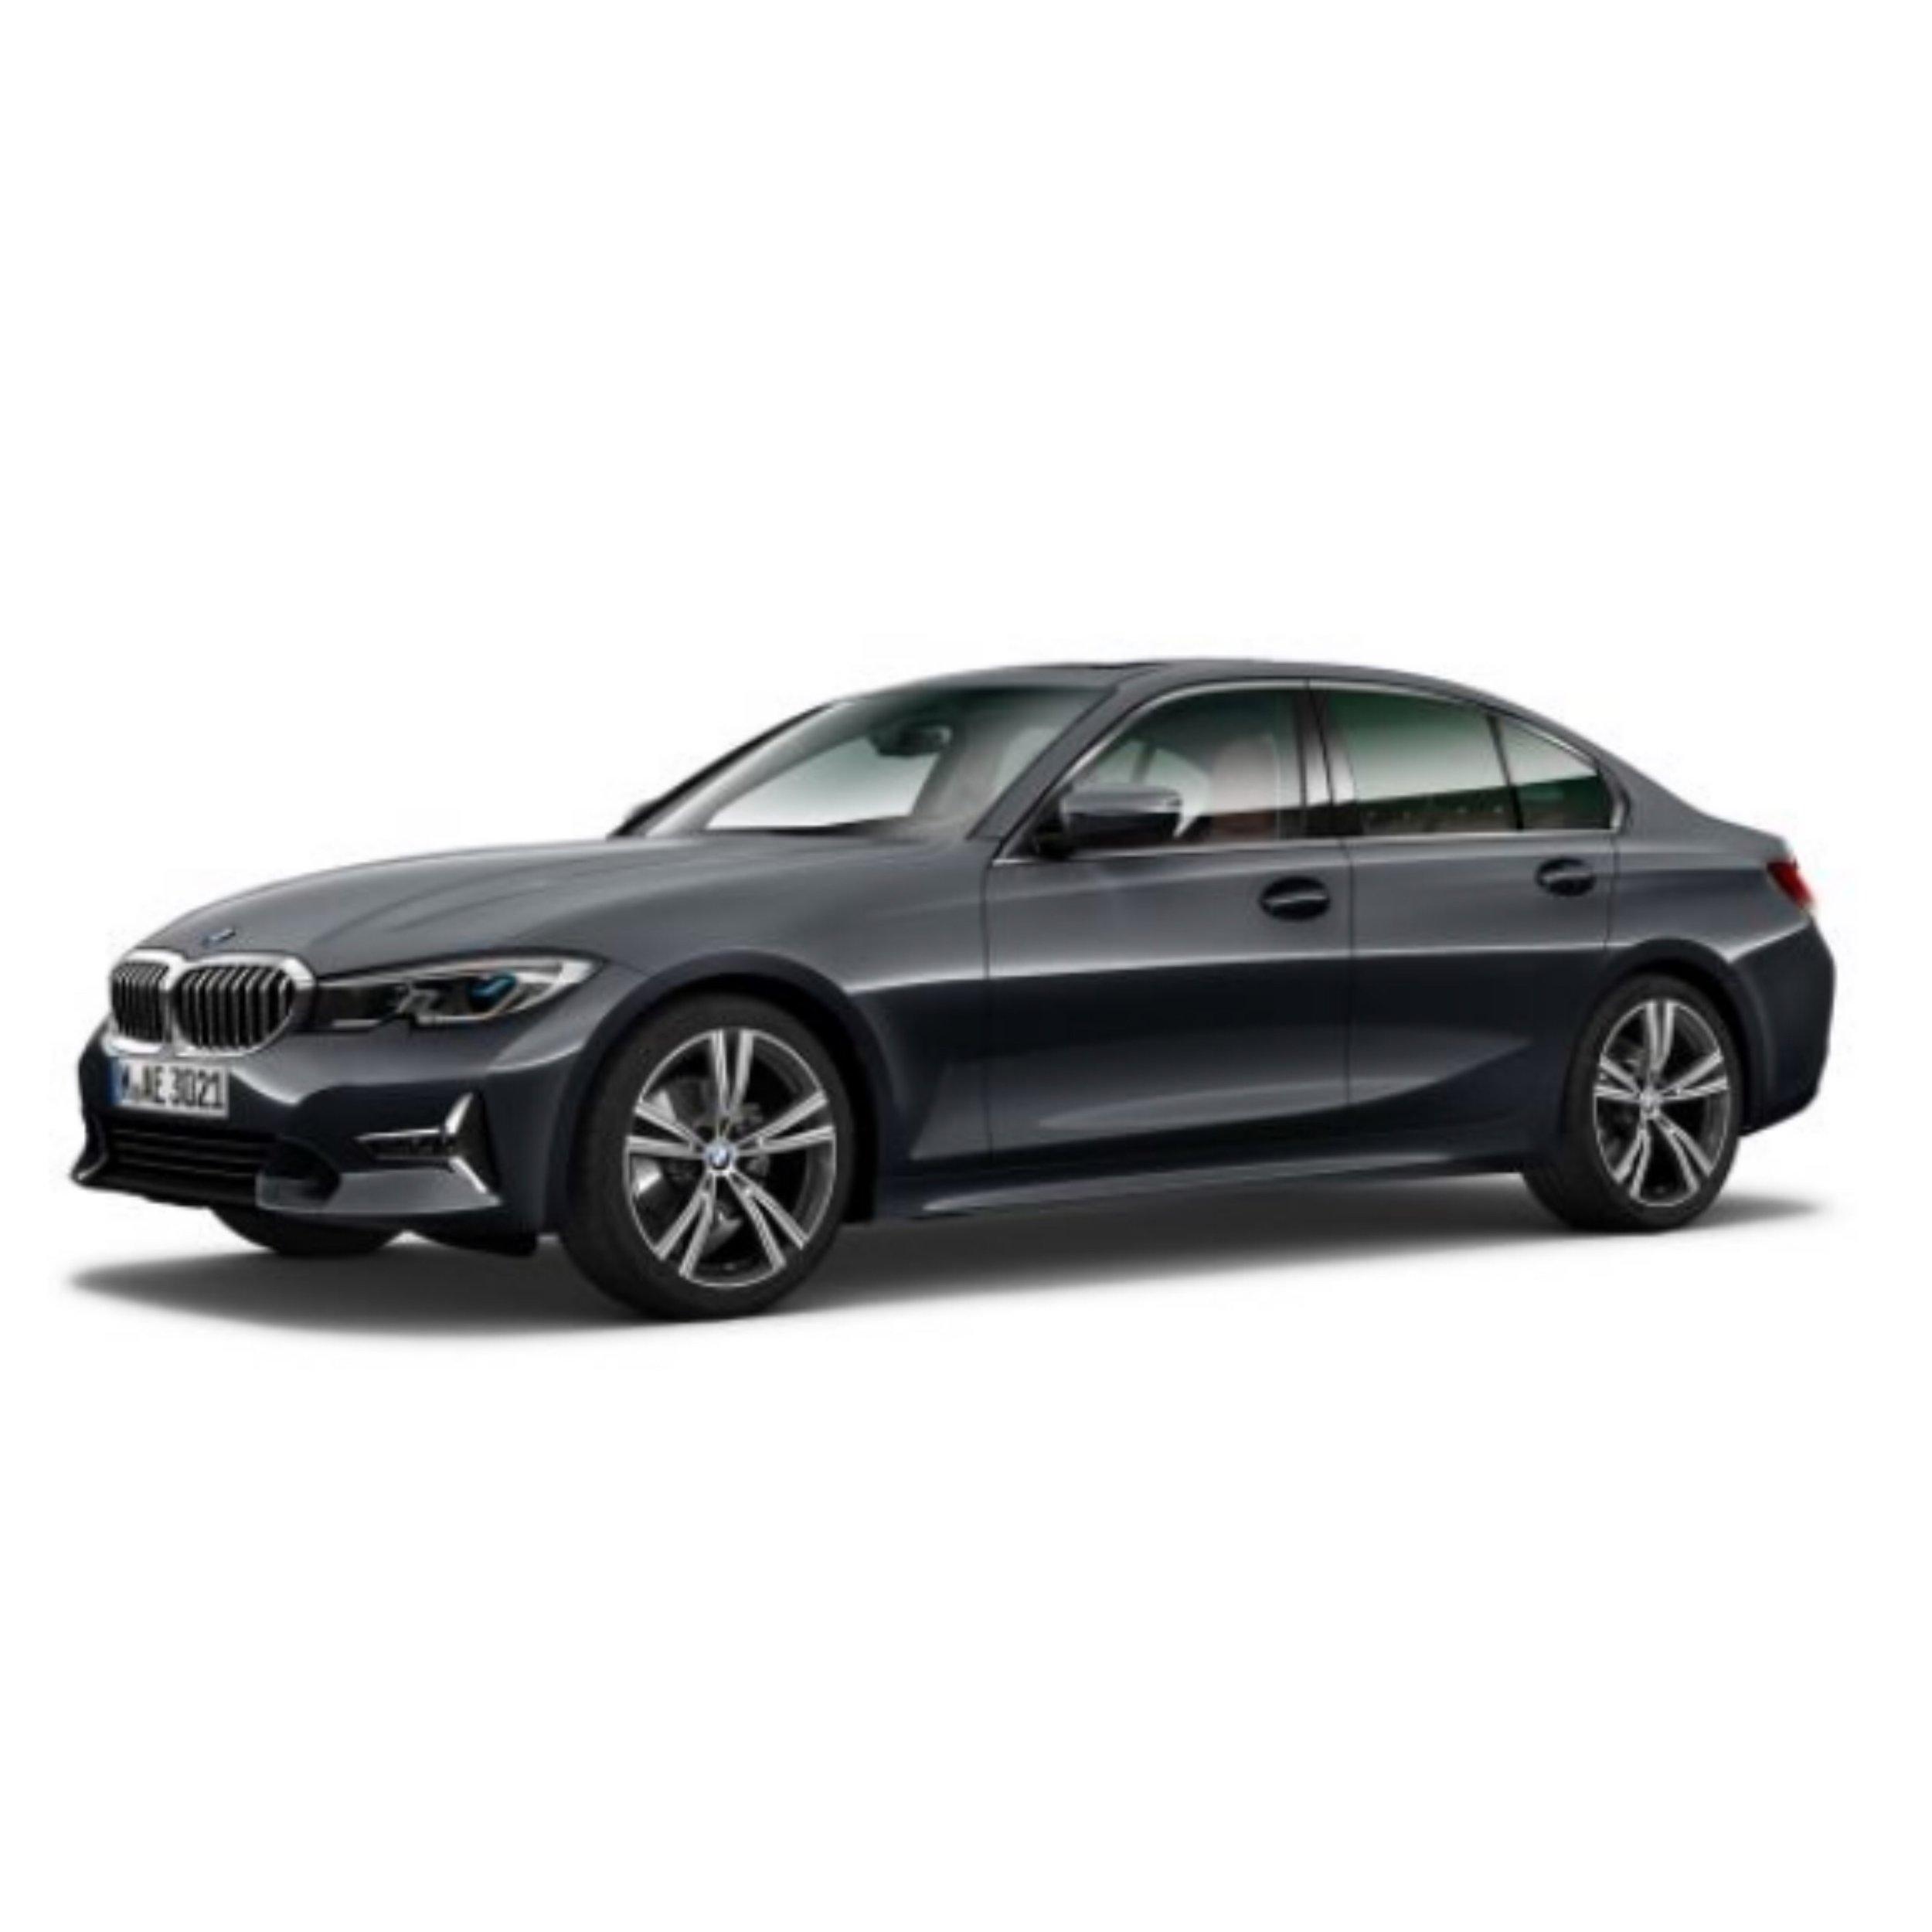 BMW 330i Limousine (258 PS)454,00€ / Monat - *Nur Gewerbekunden*alle Werte zzgl. der jeweiligen Umsatzsteuer